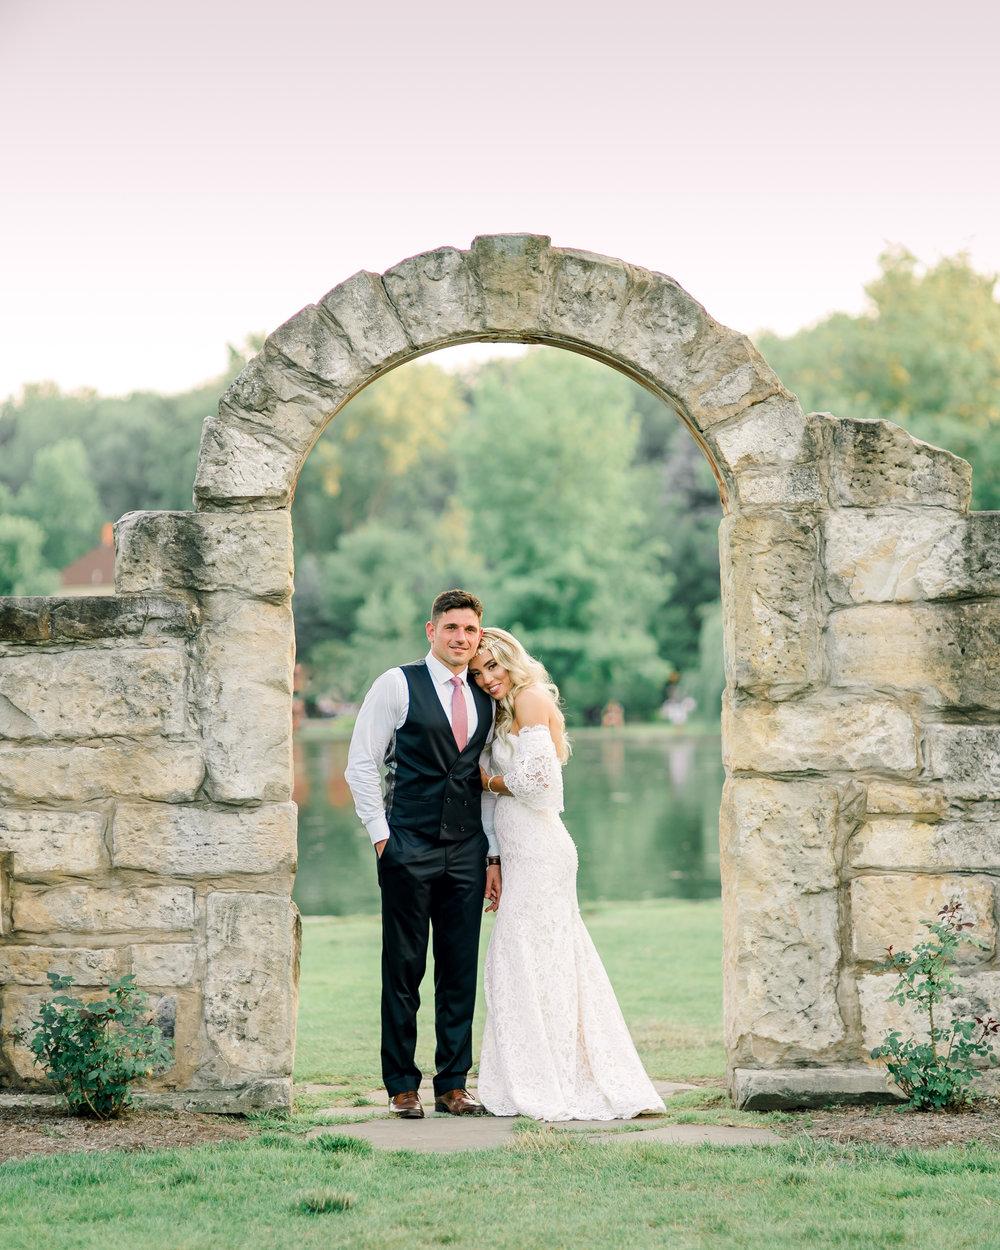 gervasi-winery-wedding-ohio-photography-36.jpg